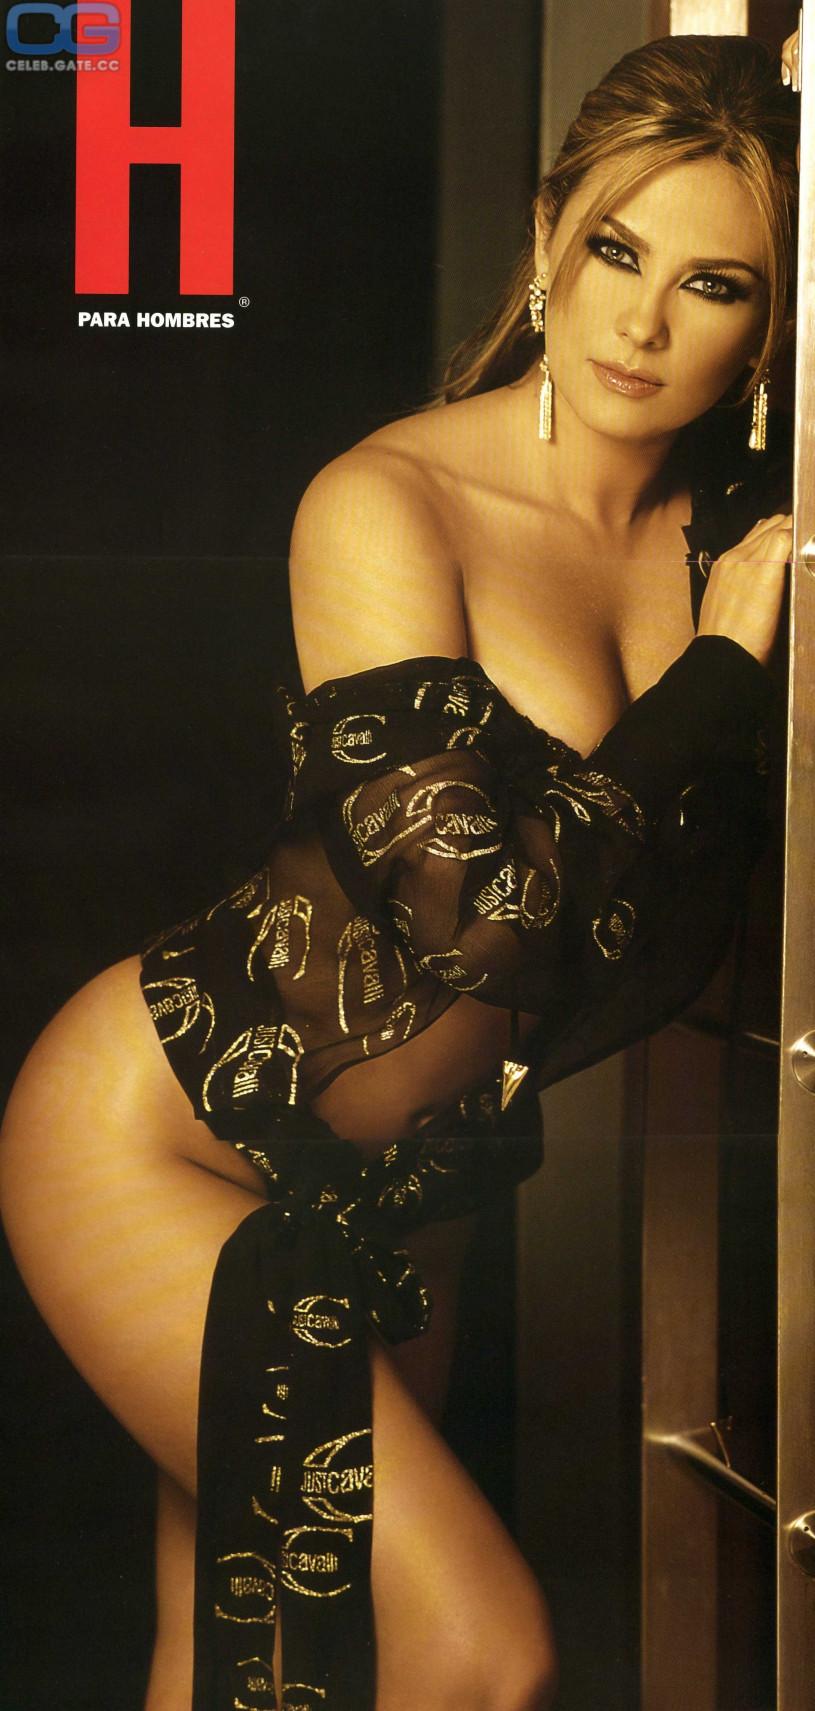 Exactly Aracely arambula nude fakes consider, that